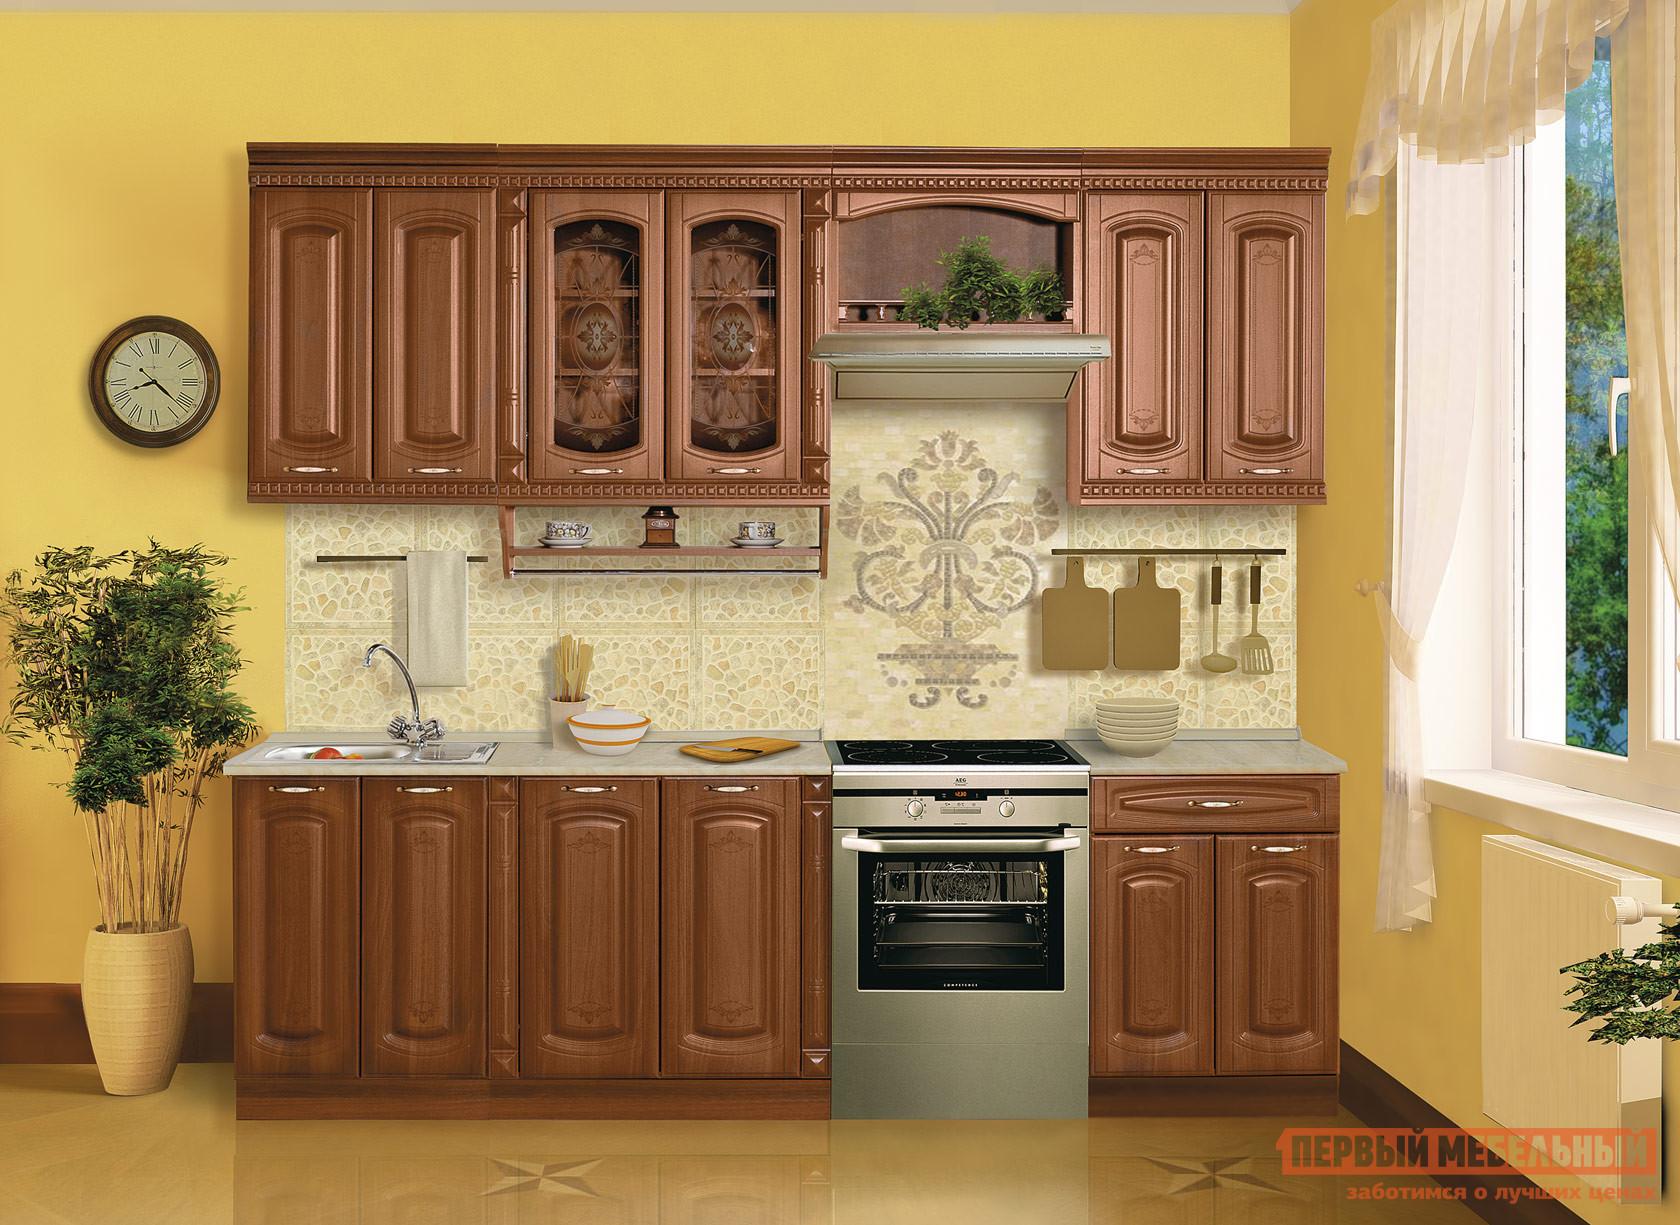 Кухонный гарнитур Витра Глория 260 кухонный гарнитур витра глория 3 к2